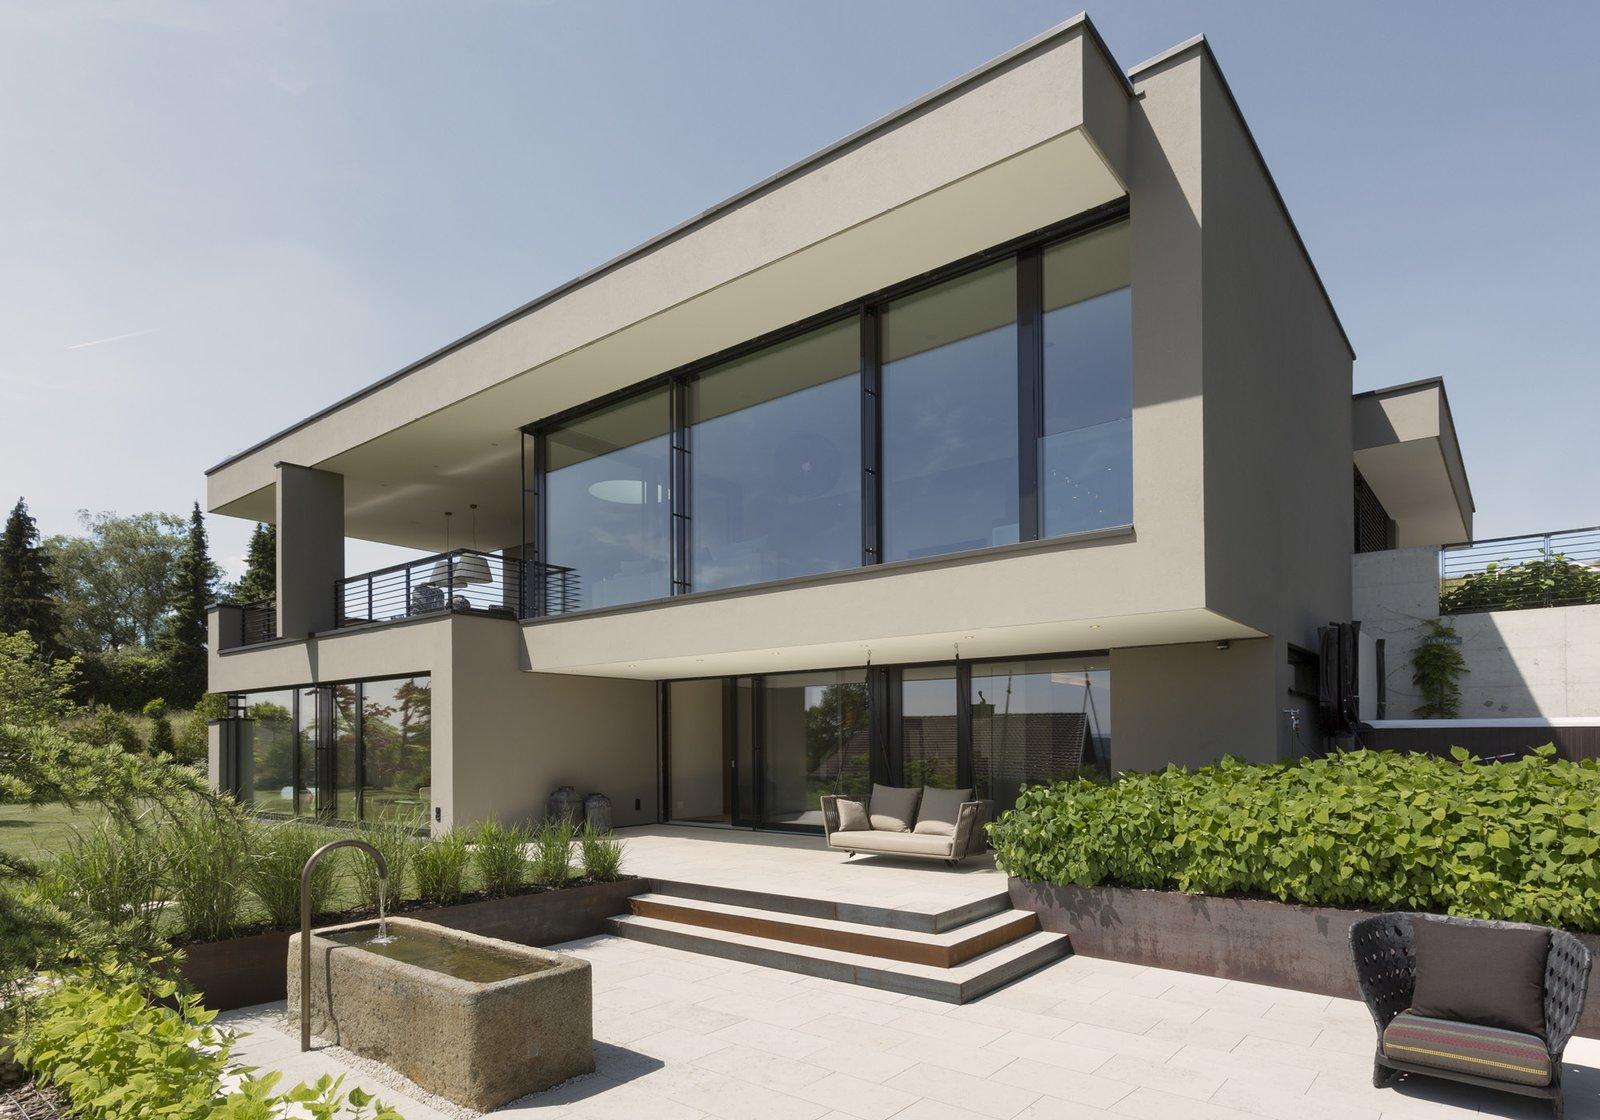 Zürich switzerland homes dwell